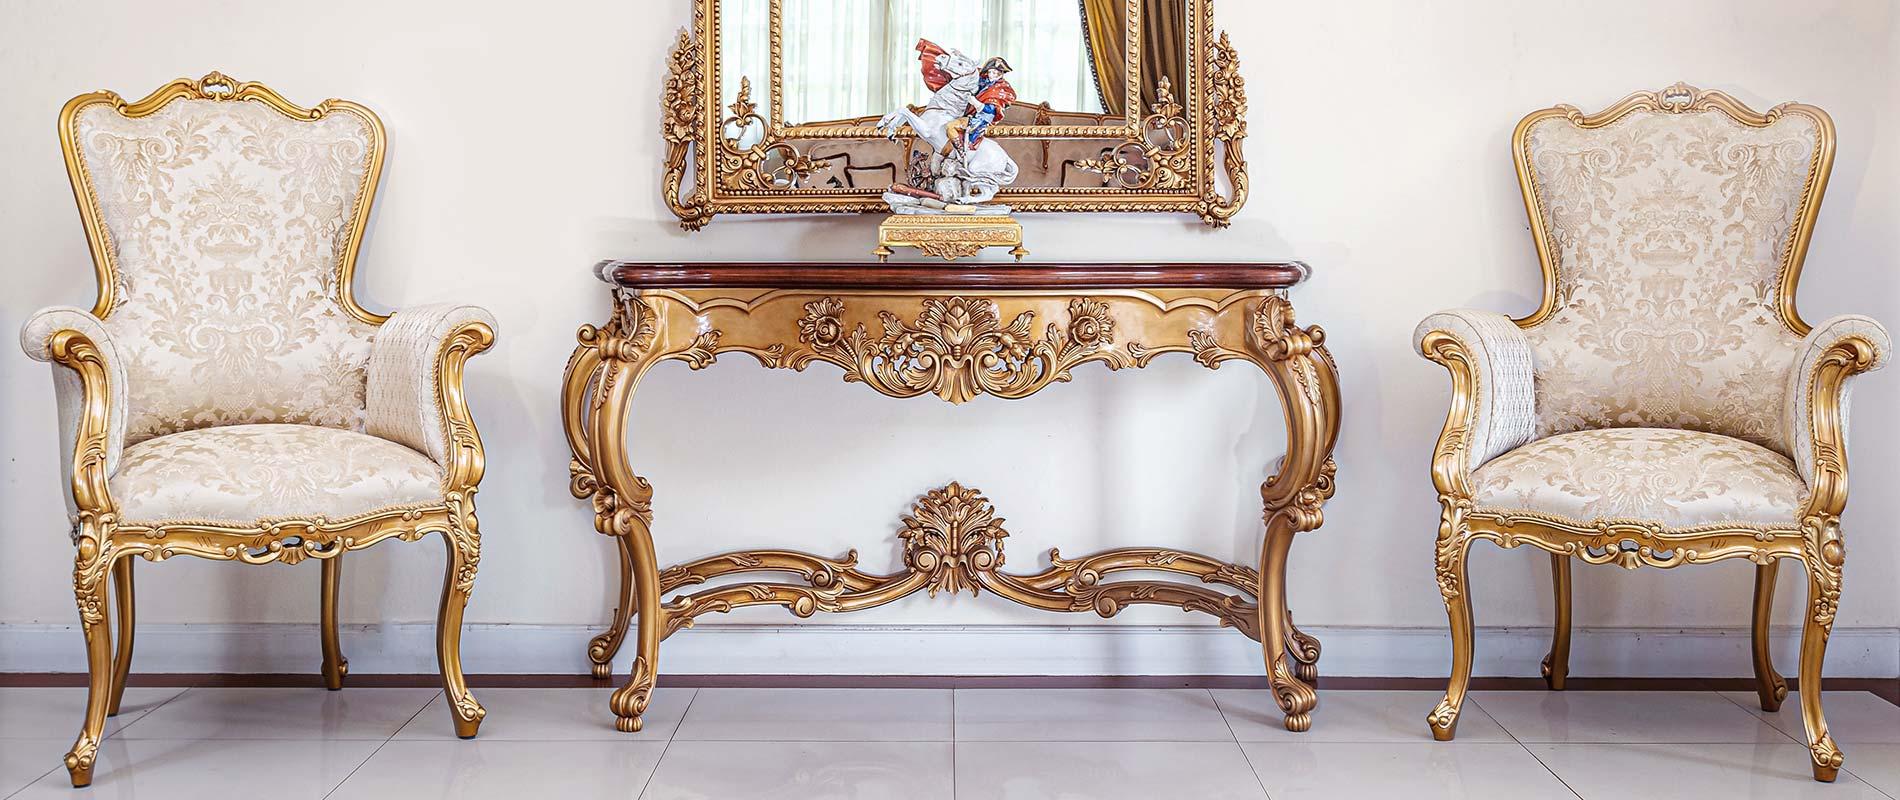 Italian Classic Furniture Cambodia - Luxury Italian Design ...